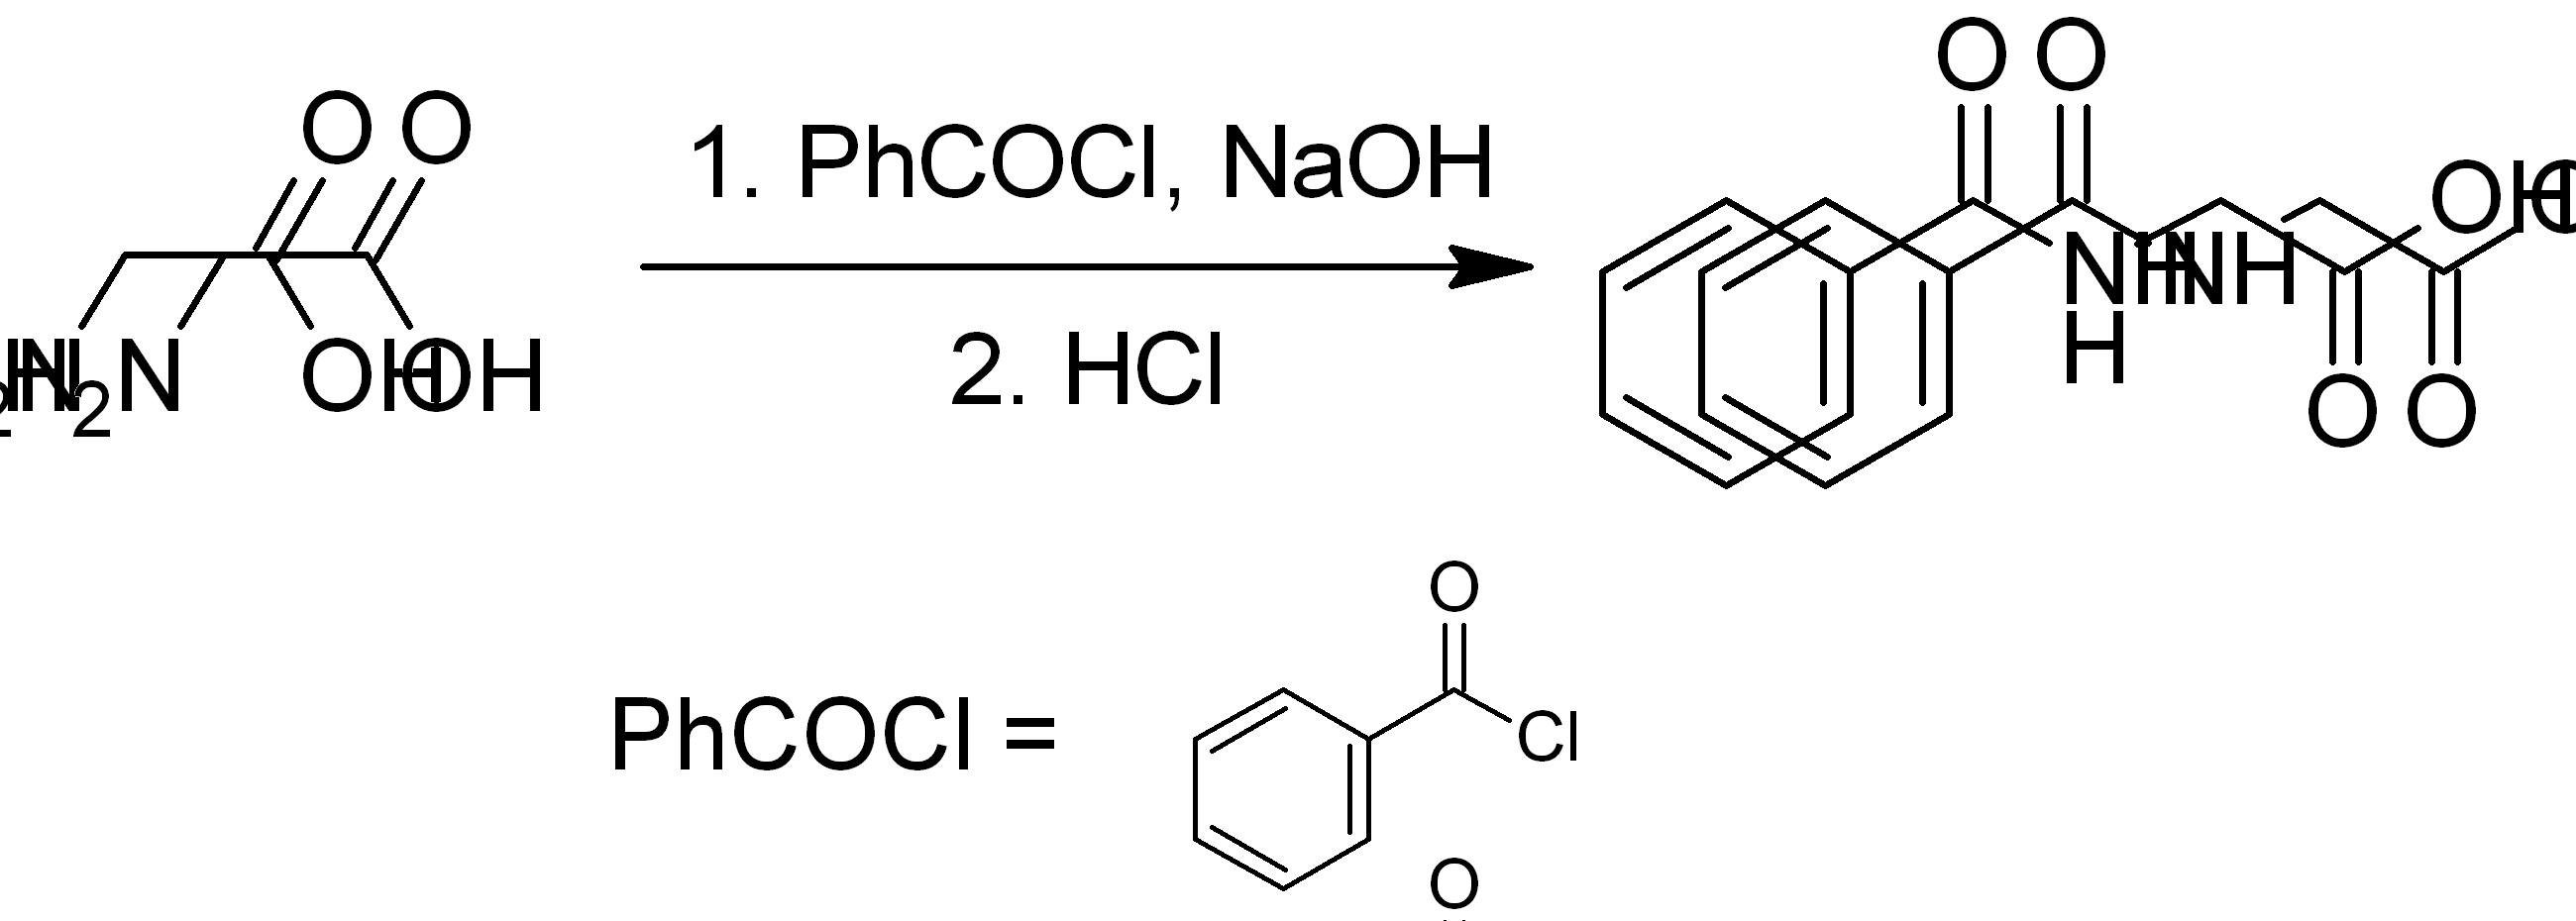 Sodium Iodohippurate